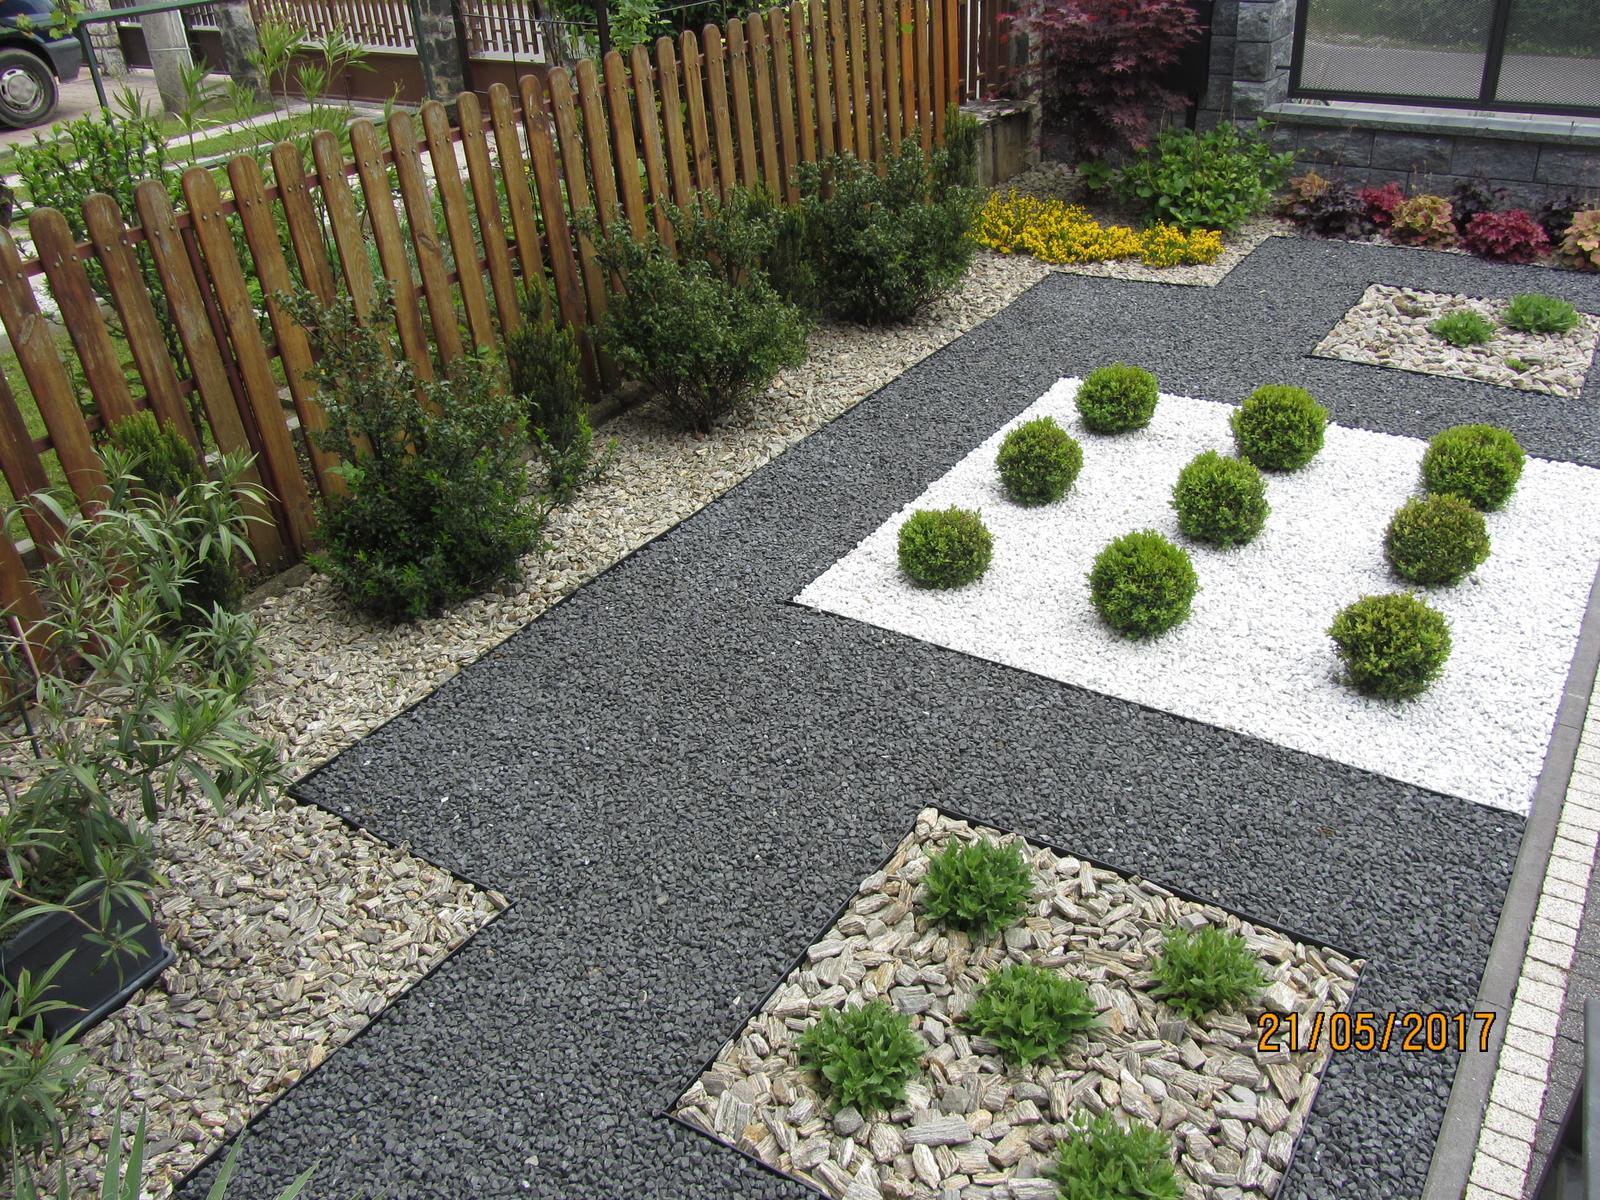 Záhrada 2017 - Obrázok č. 2